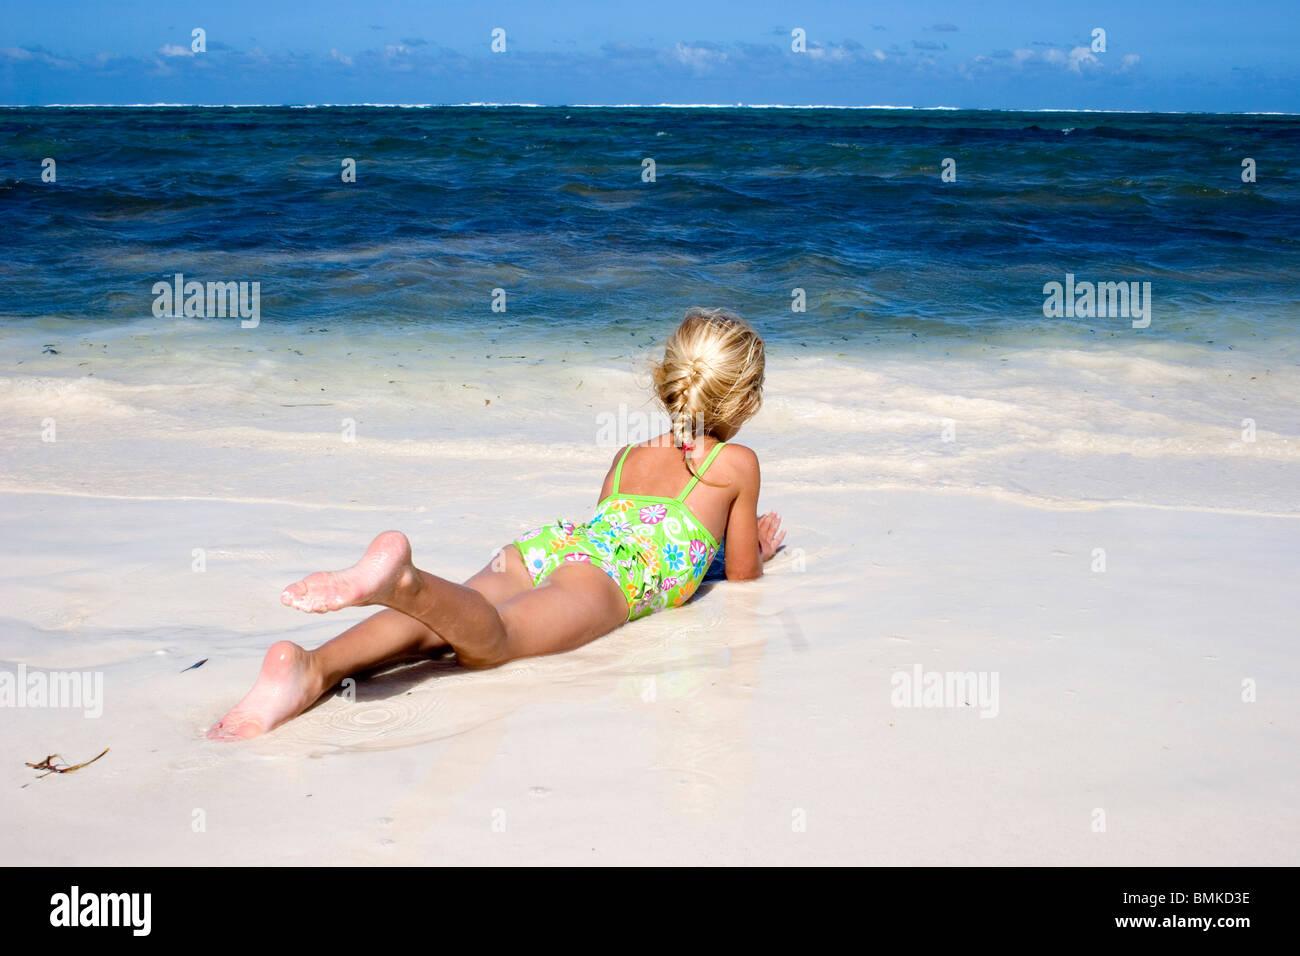 Am strand beobachtet